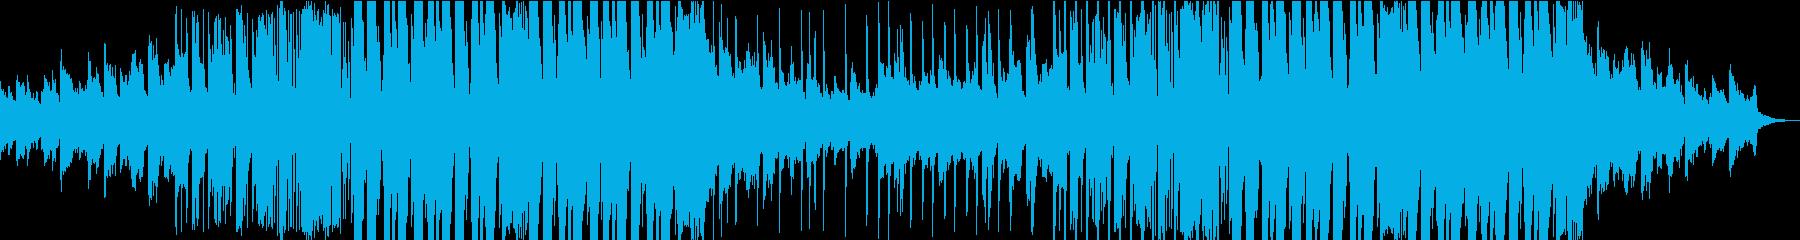 フューチャ ベース 不思議 奇妙 ...の再生済みの波形